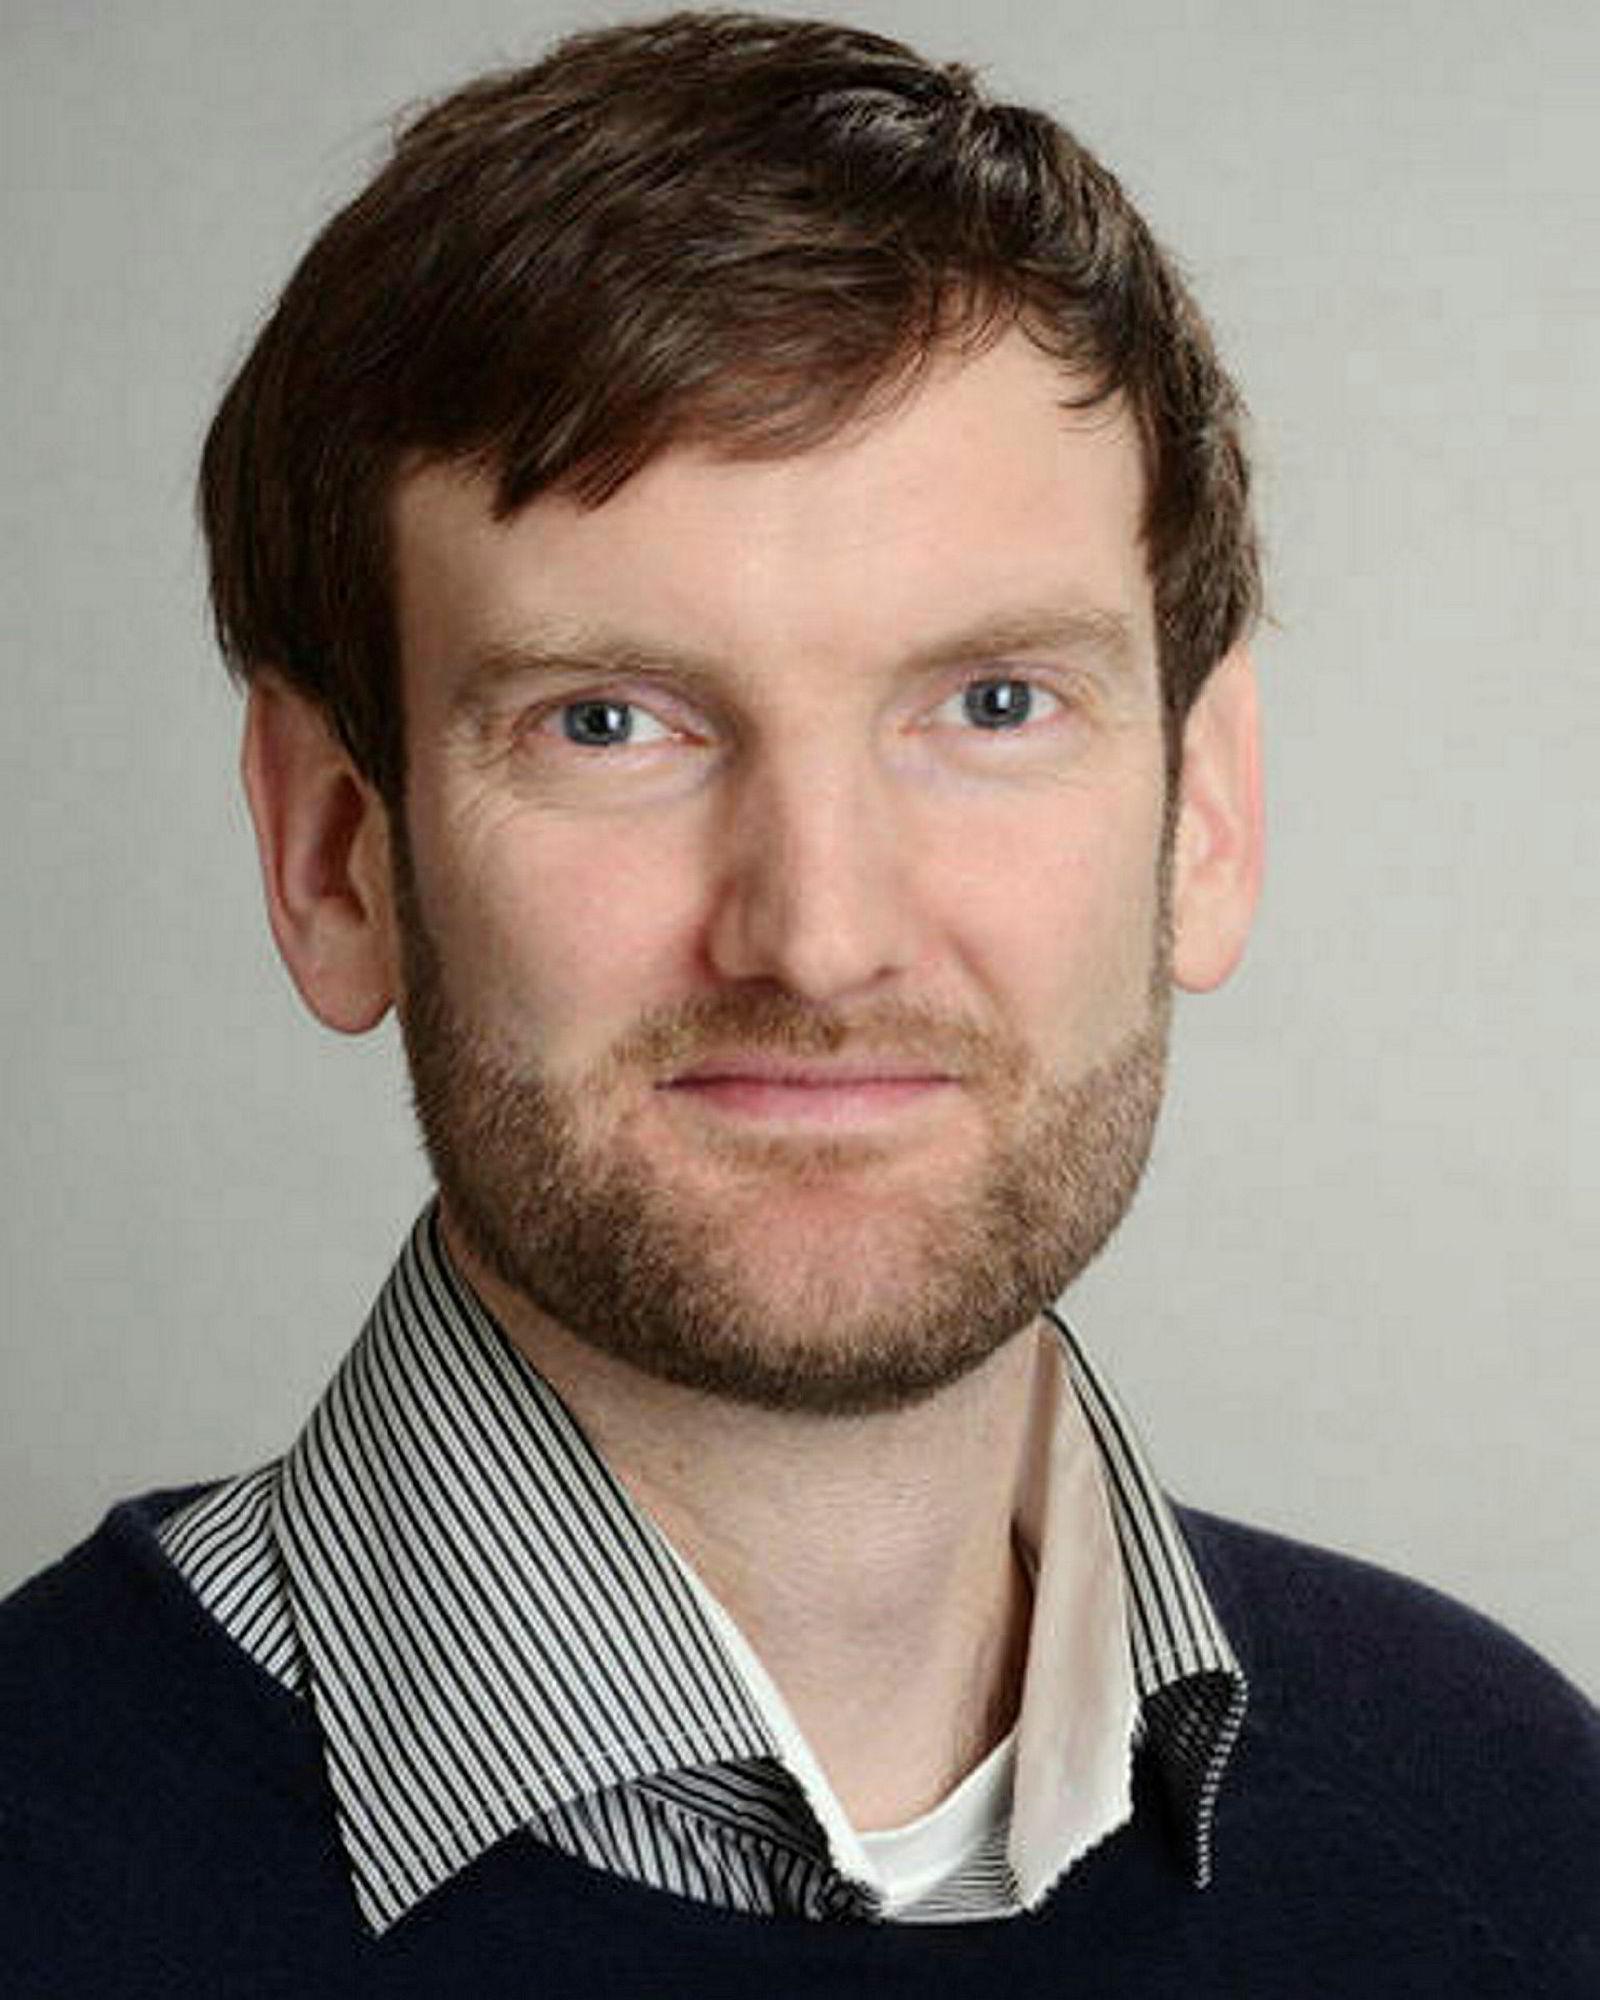 Førsteamanuensis ved Klinisk institutt 2 og Senter for ernæring, Universitetet i Bergen, Simon E. Nitter Dankel.